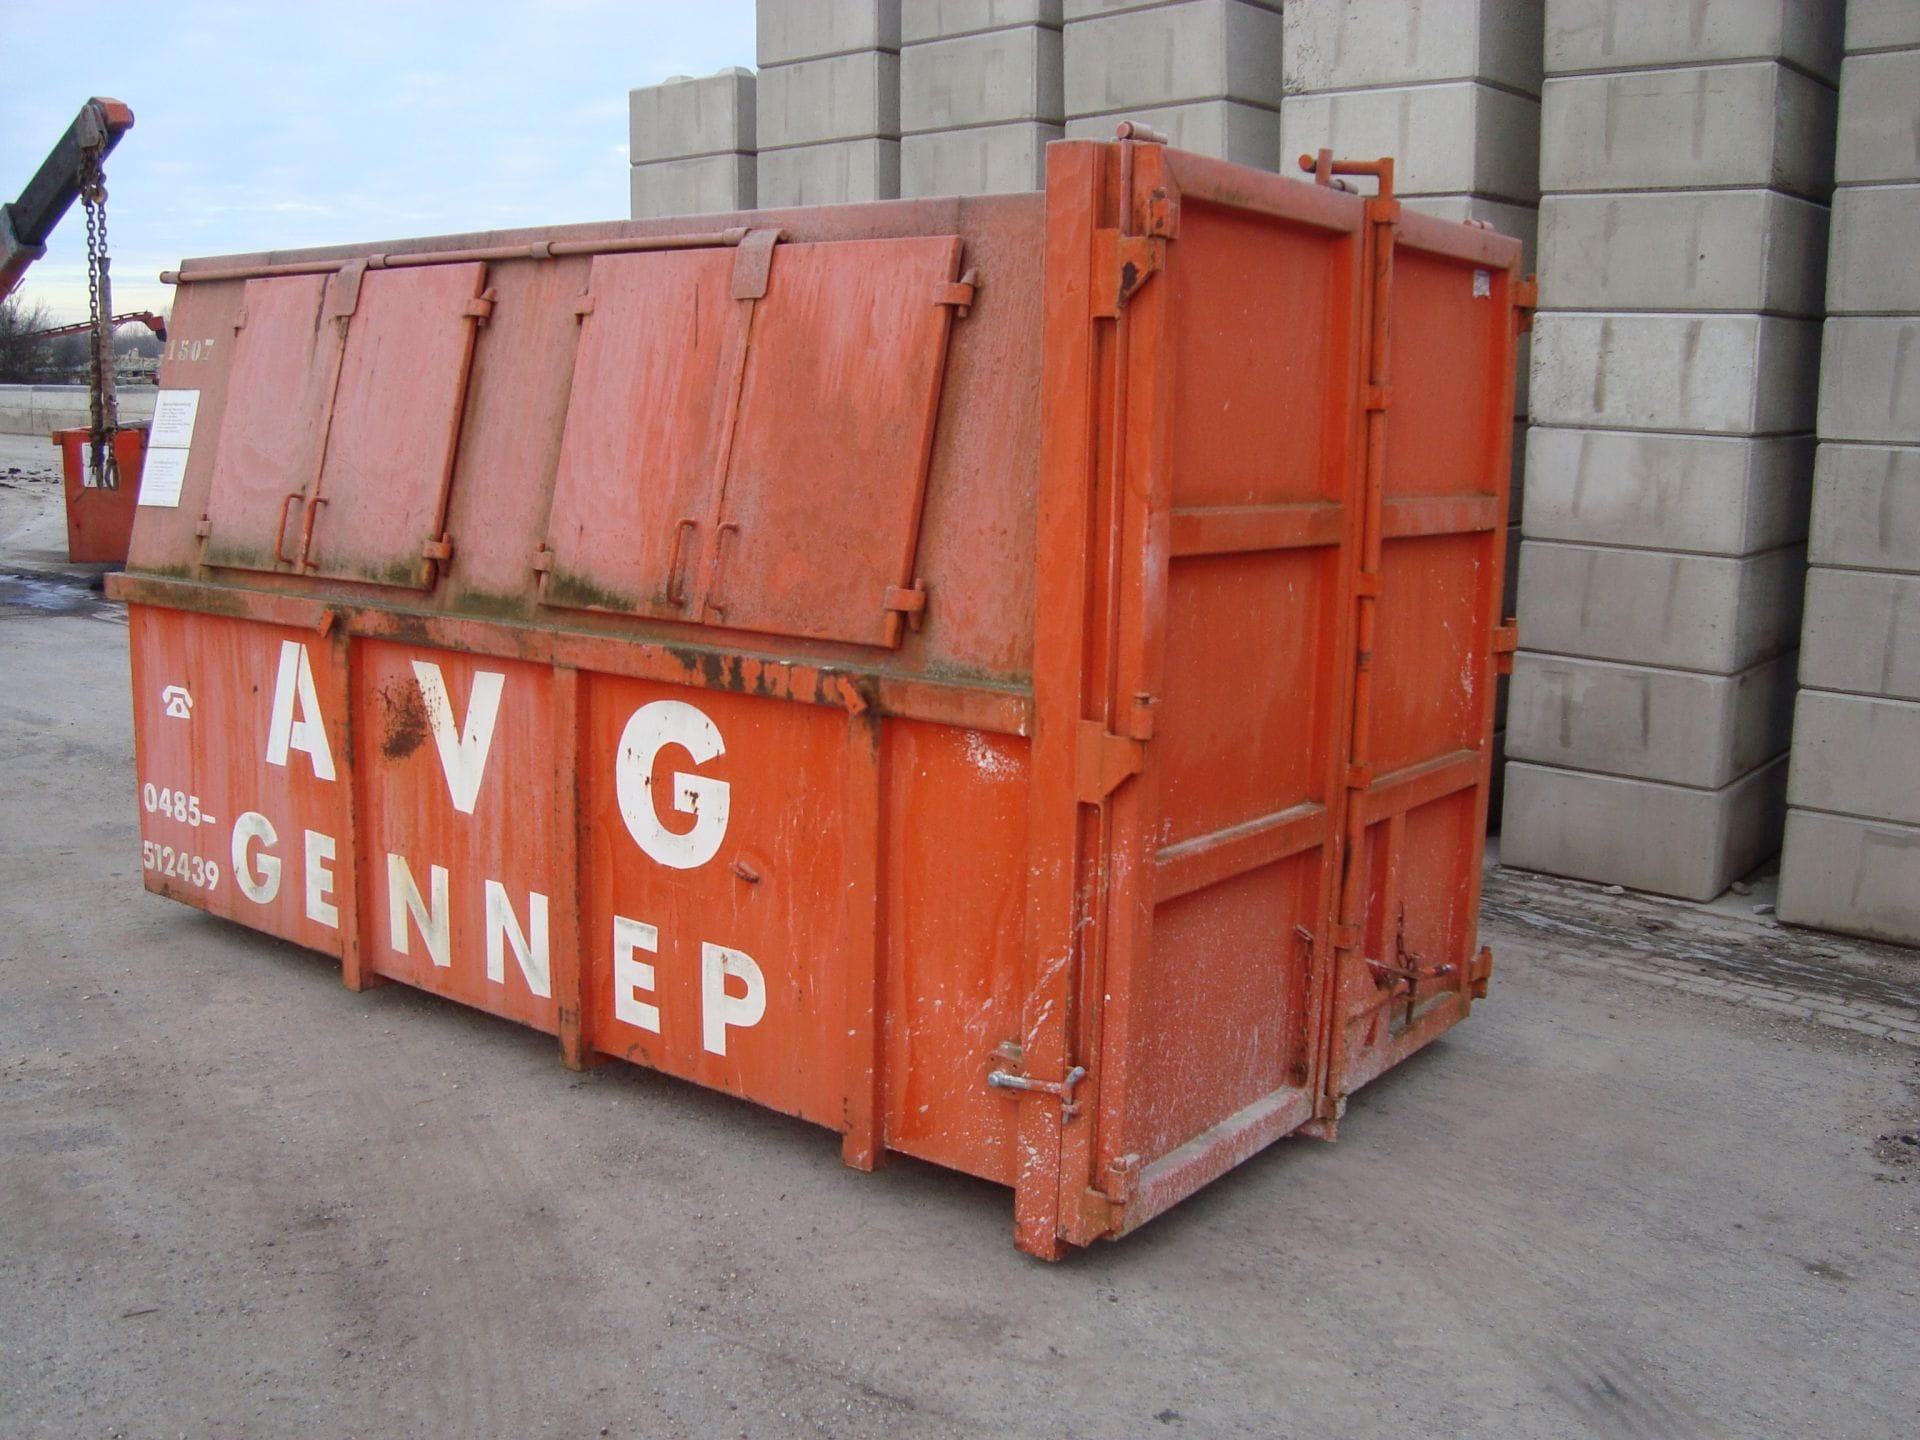 Gesloten afval container te huur bij AVG. AVG verhuurt allerlei afvalcontainers, zoals bouwbakkie, puincontainer, afval container, bouwafval container, container voor grond afvoeren, vuilcontainer, grofvuil container, bouwcontainer, containerbak, afzetcontainer, grond container, container voor puin afvoeren en andere open en gesloten containers met verschillende kuub inhoud.